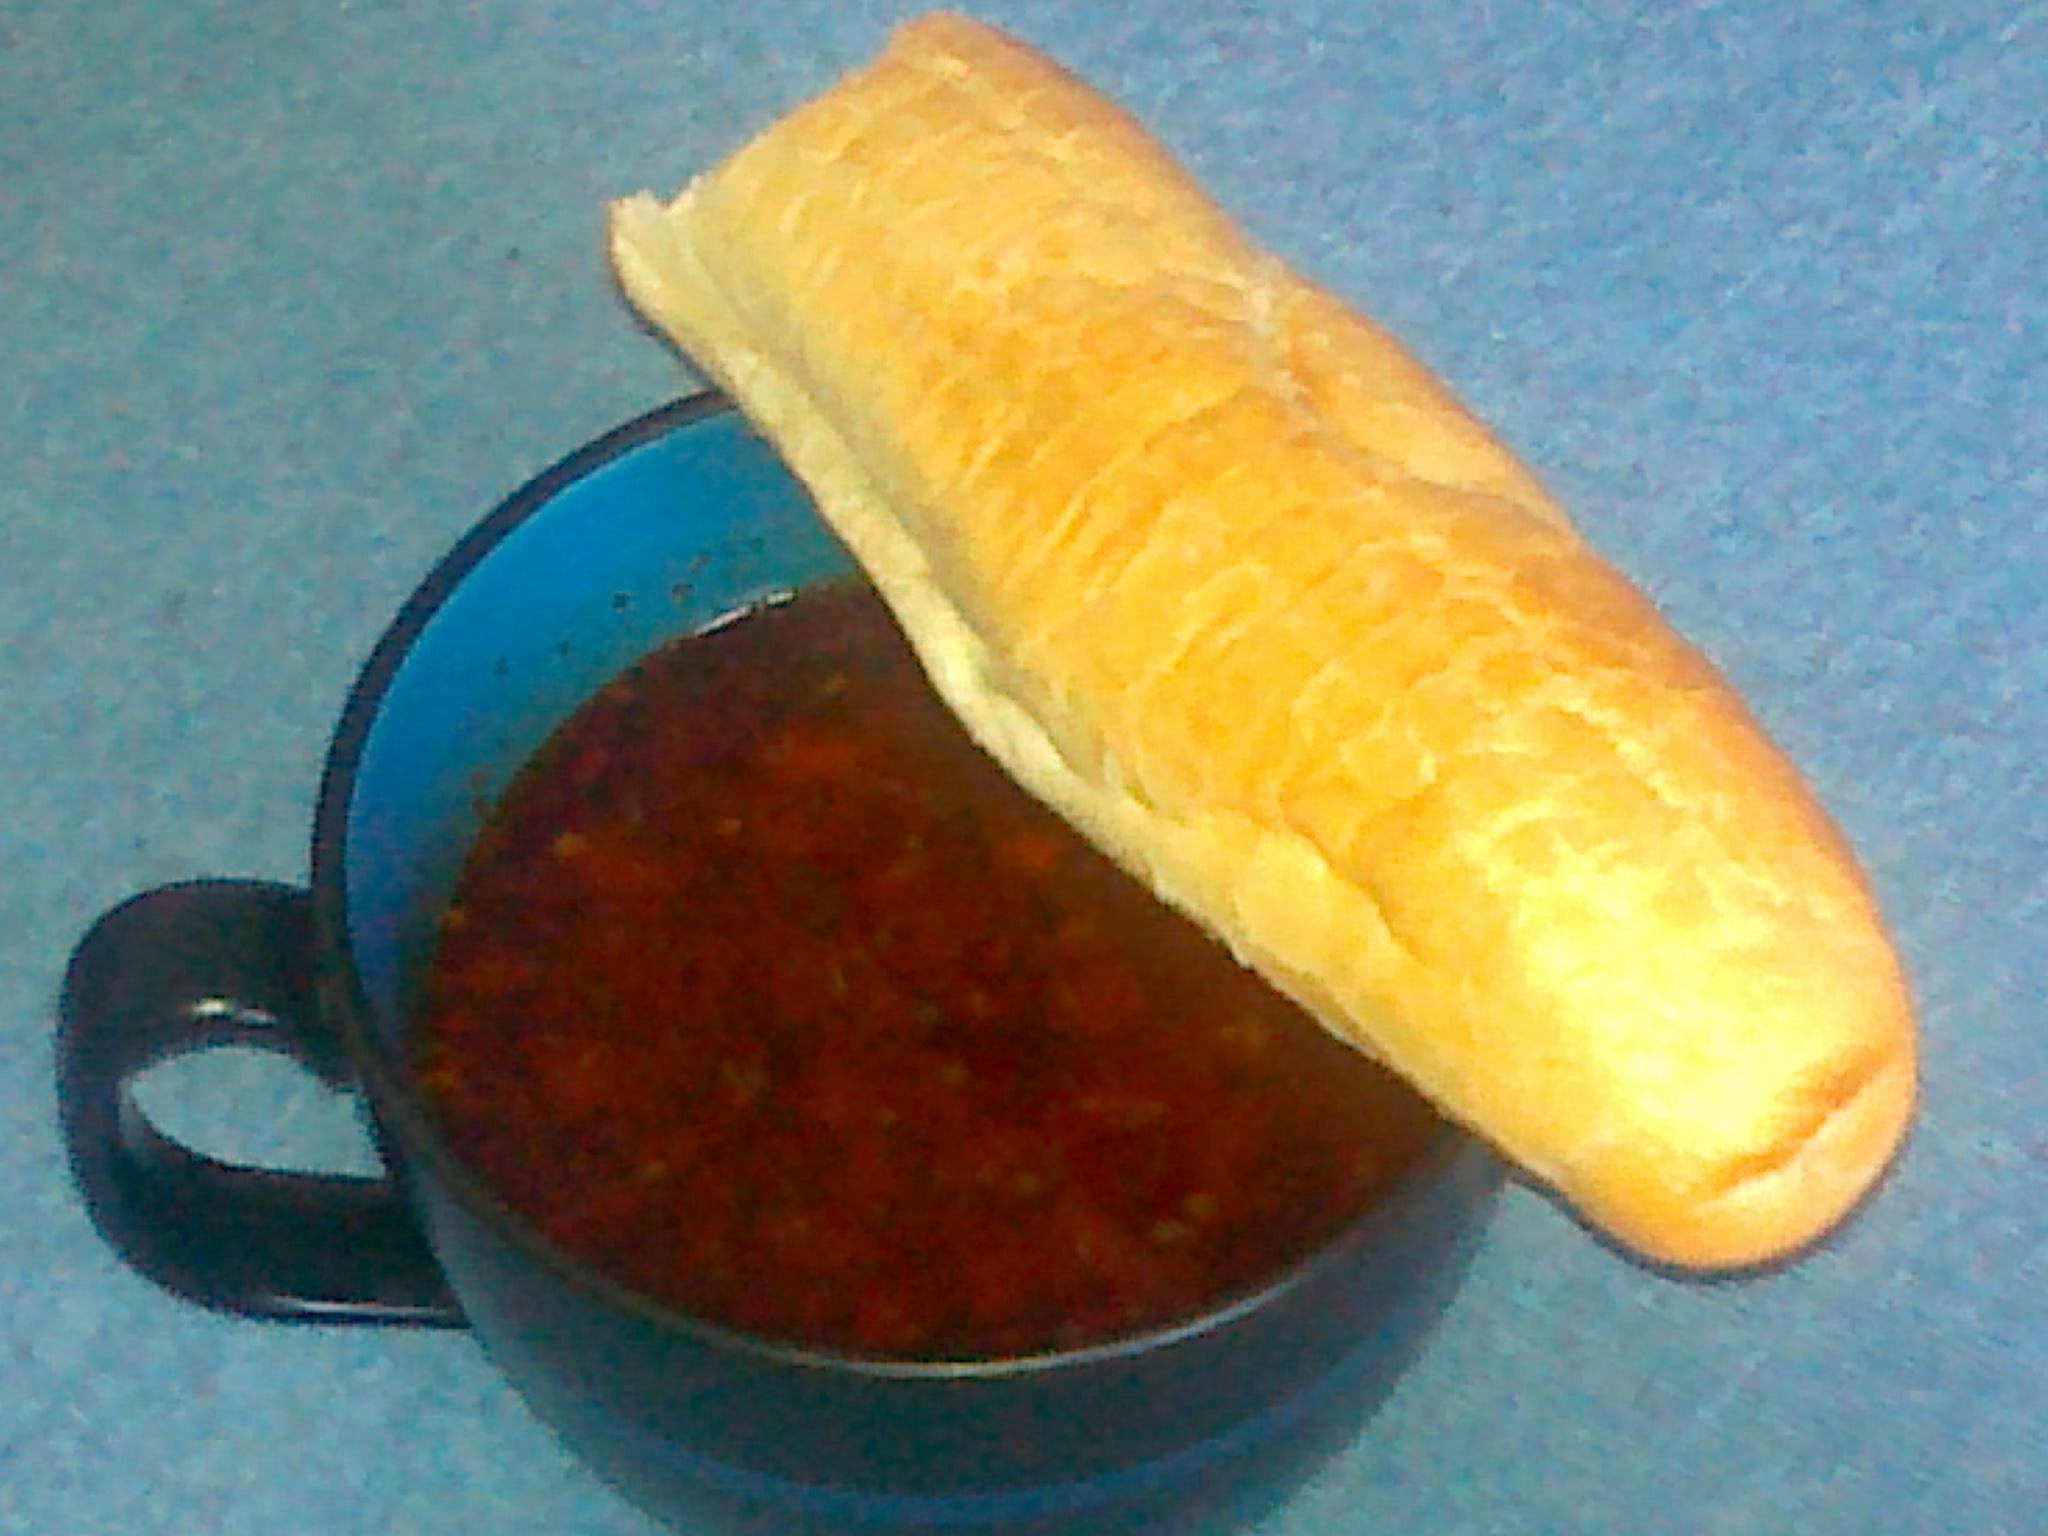 Recept Babiččina dršťková polévka - Babiččina dršťková polévka